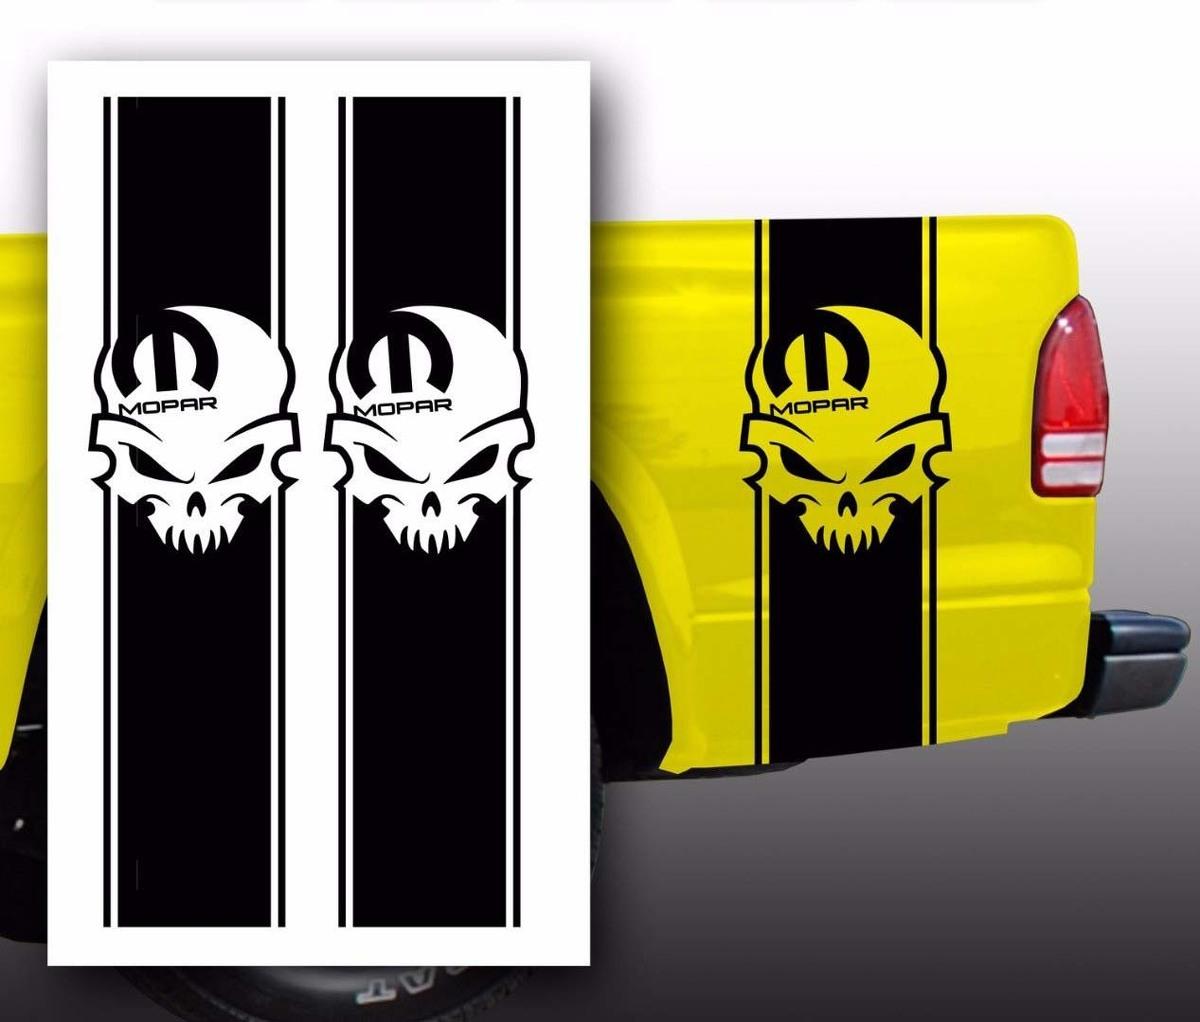 Mopar Schädel Dodge Pickup Truck Bed Stripes Aufkleber Aufkleber